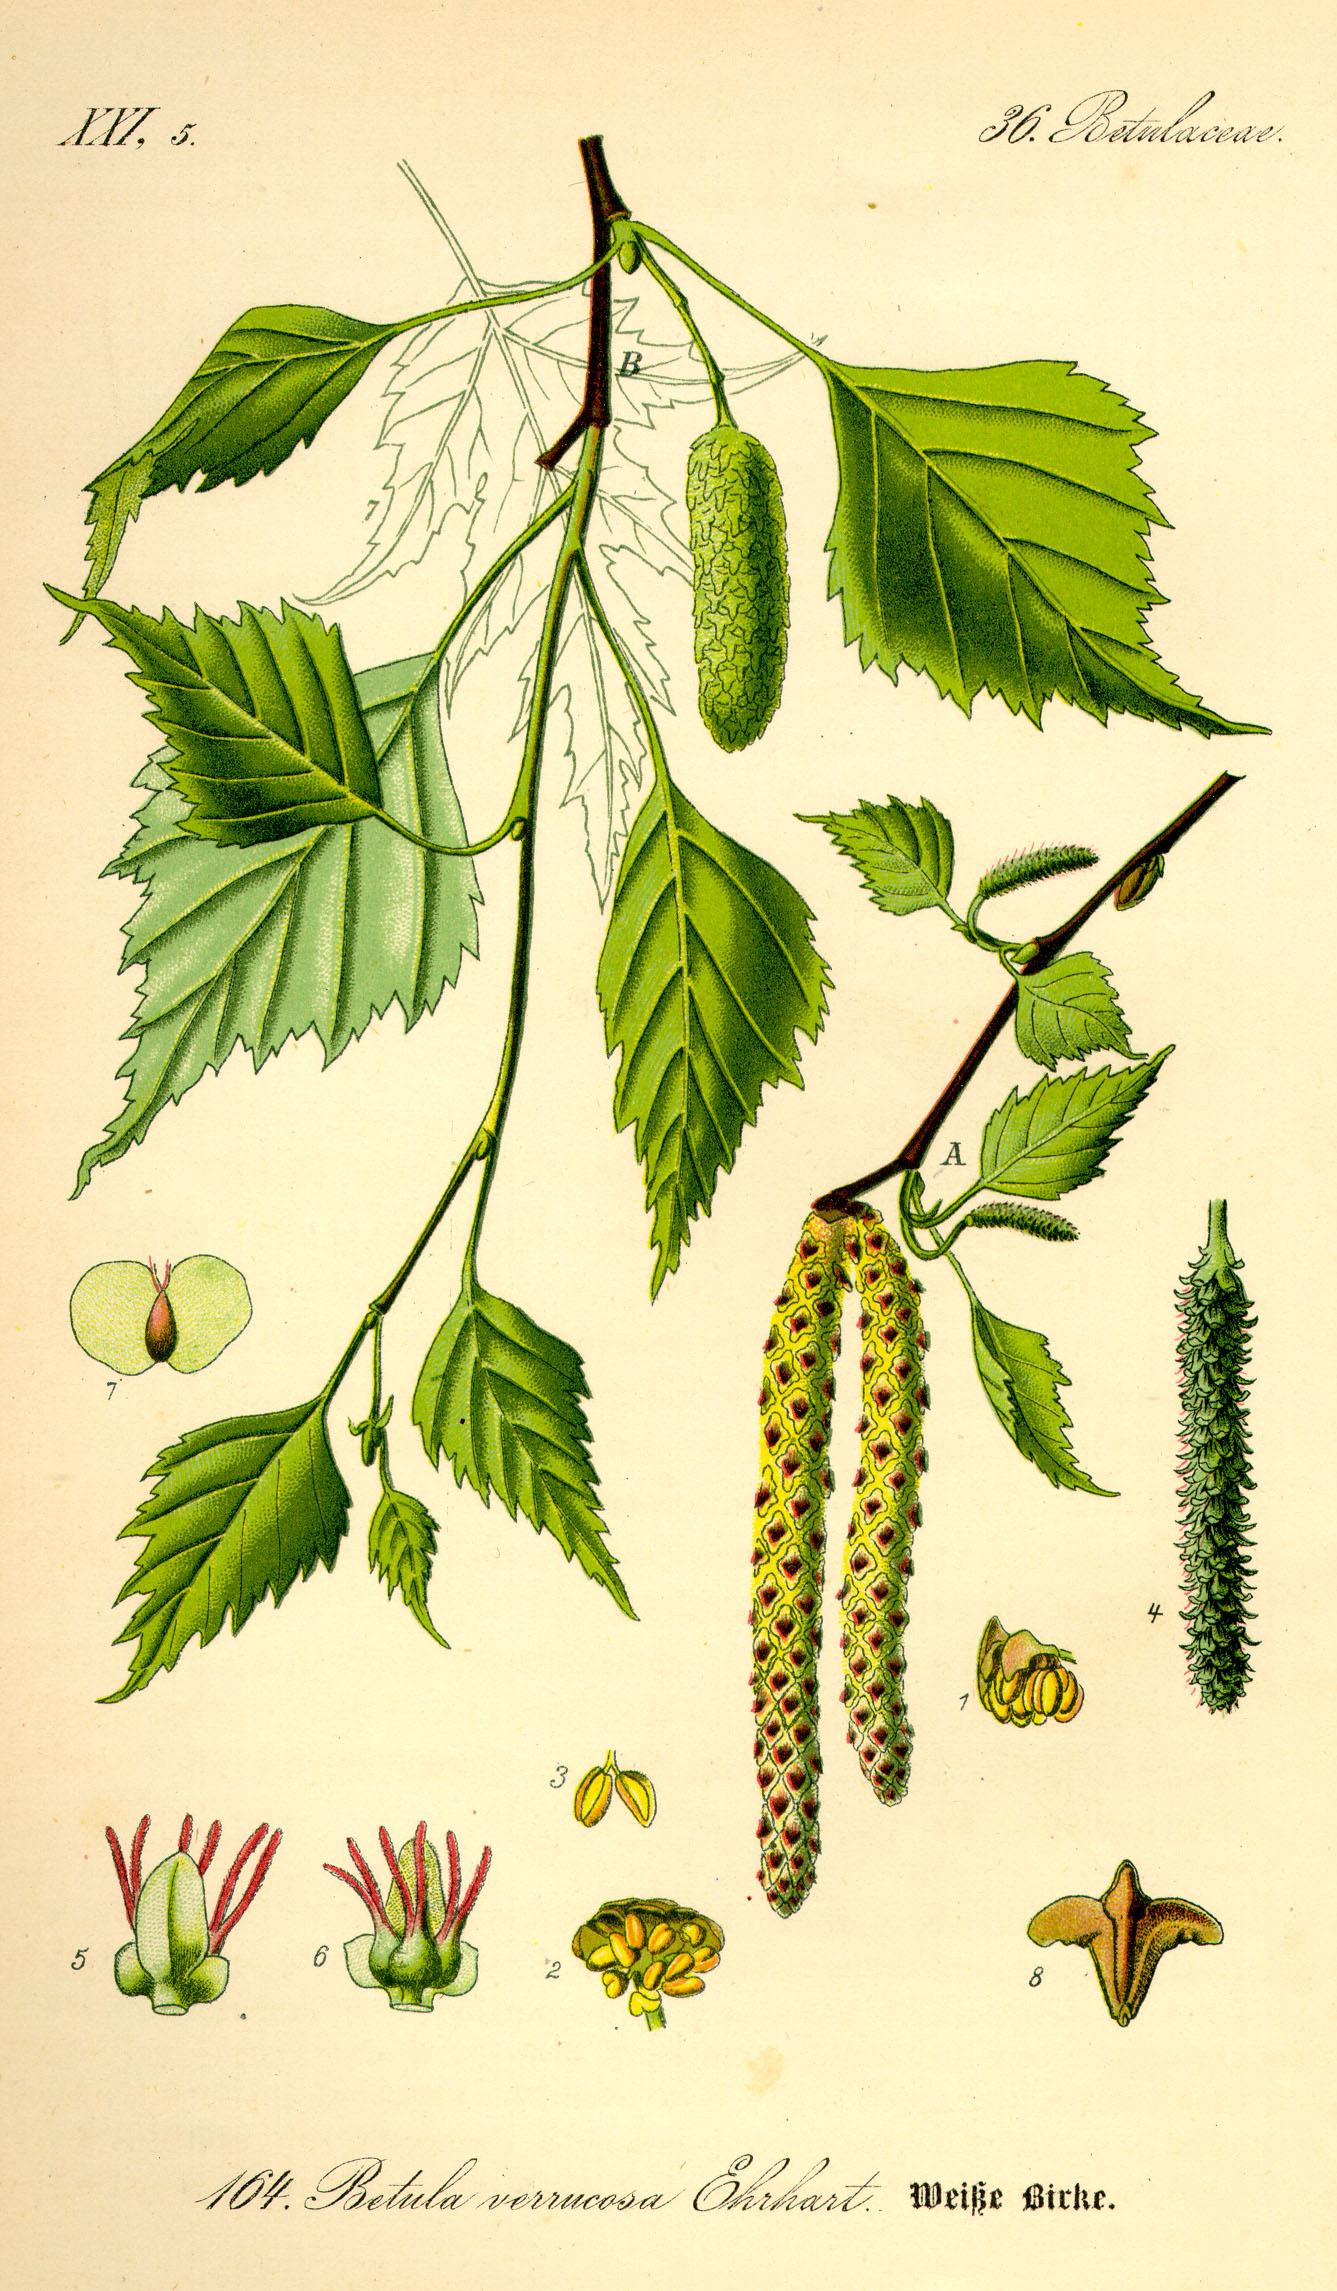 https://upload.wikimedia.org/wikipedia/commons/7/78/Illustration_Betula_pendula0.jpg